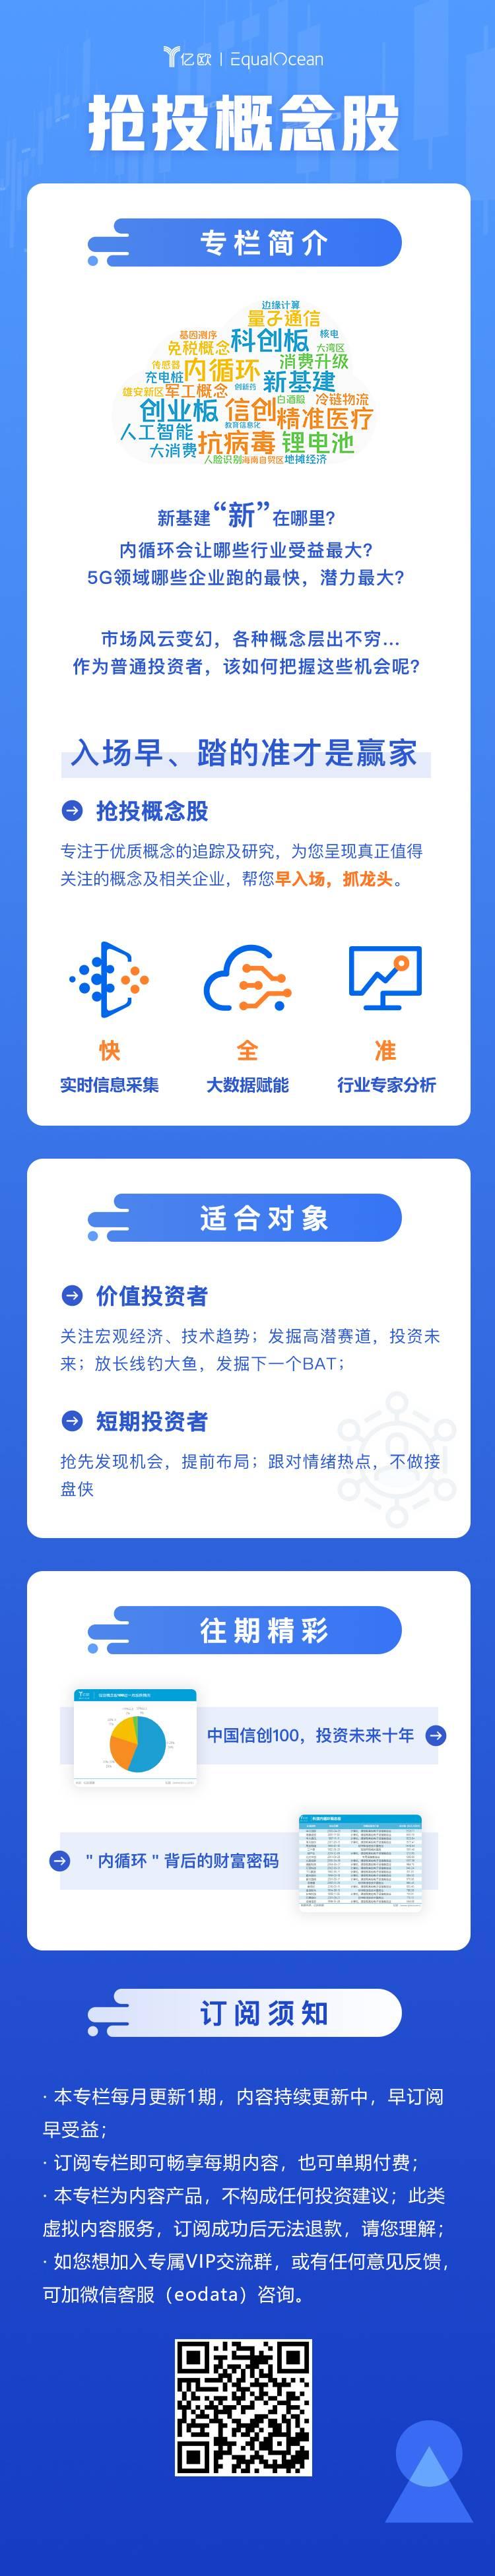 专栏长图抢投概念股(带微信带店铺二维码).jpg.jpg